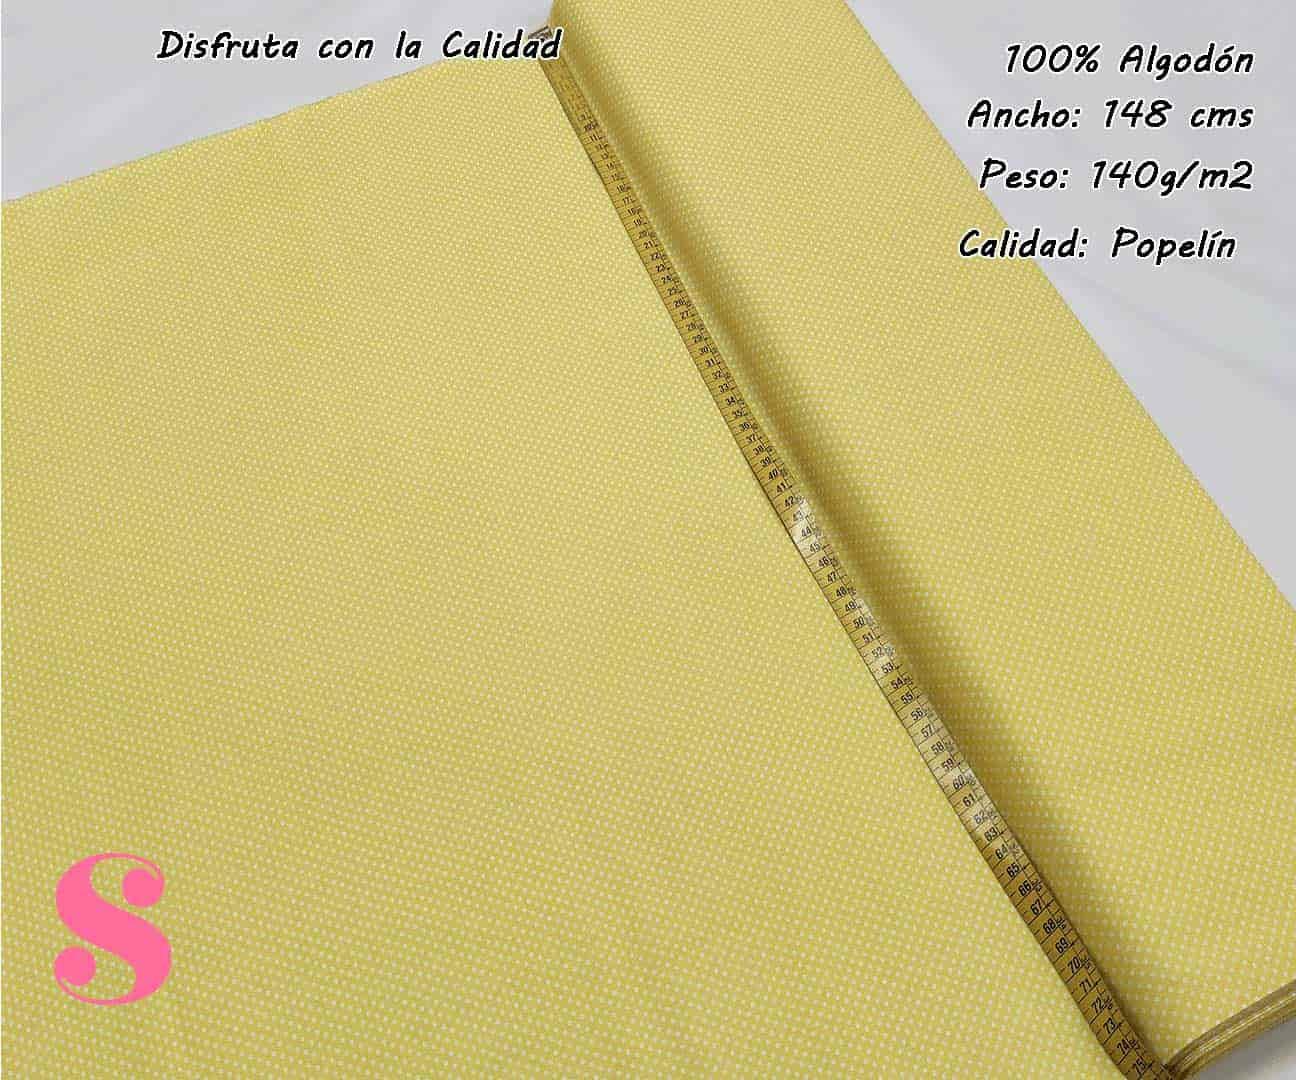 topos-algodon-estampado-naturales-geometricas-modernas-patchwork-para-vestidos-liberty,Tejido Algodón Estampado Topos Blanco Fondo Amarillo